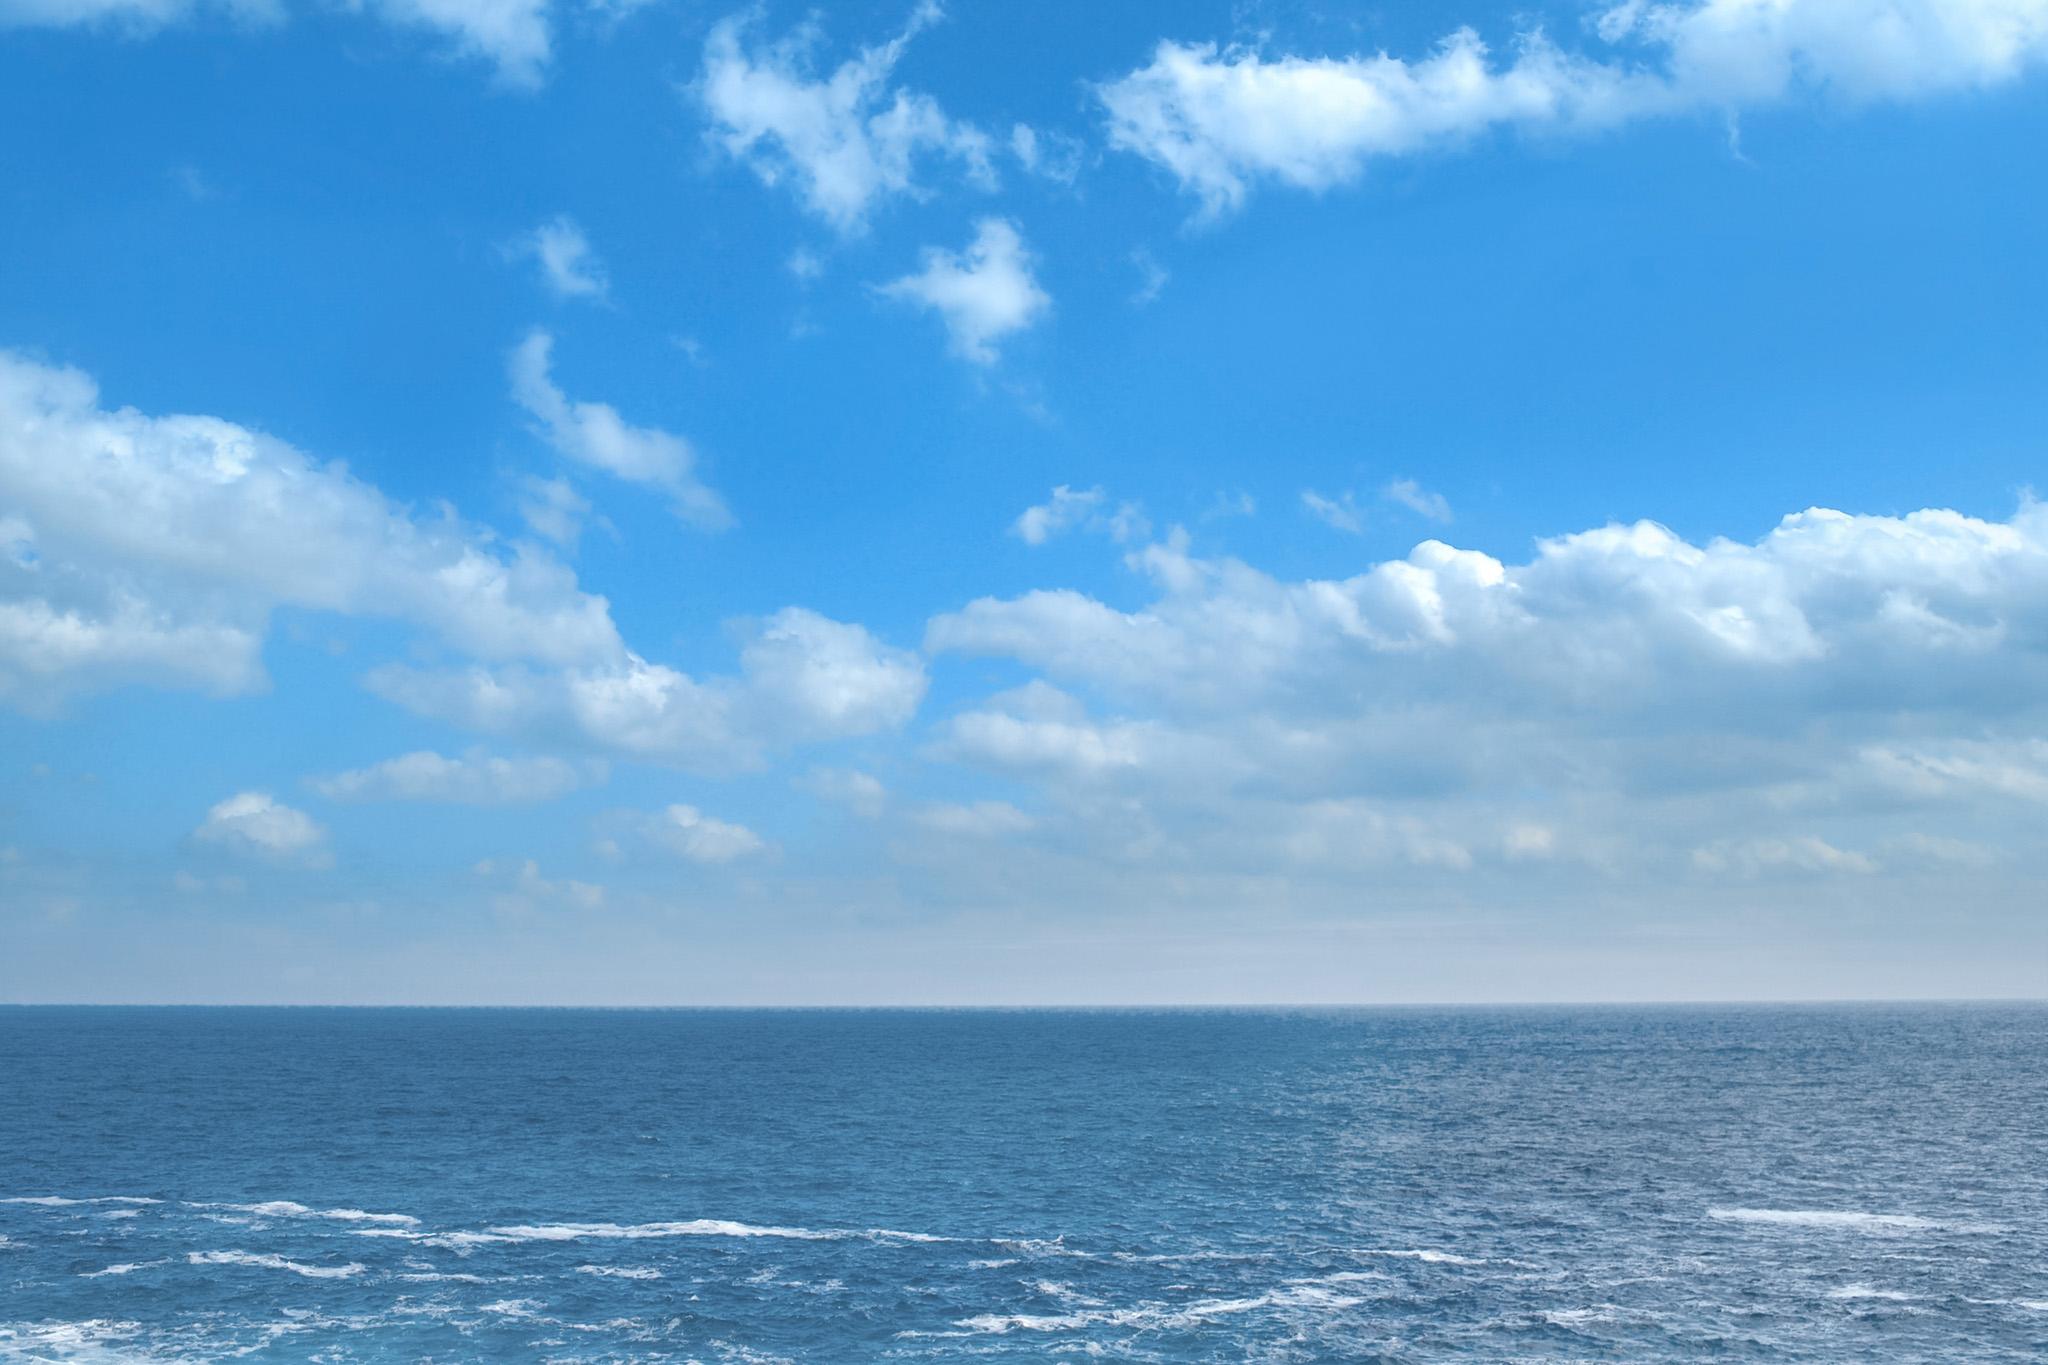 「晴天の爽やかな海」